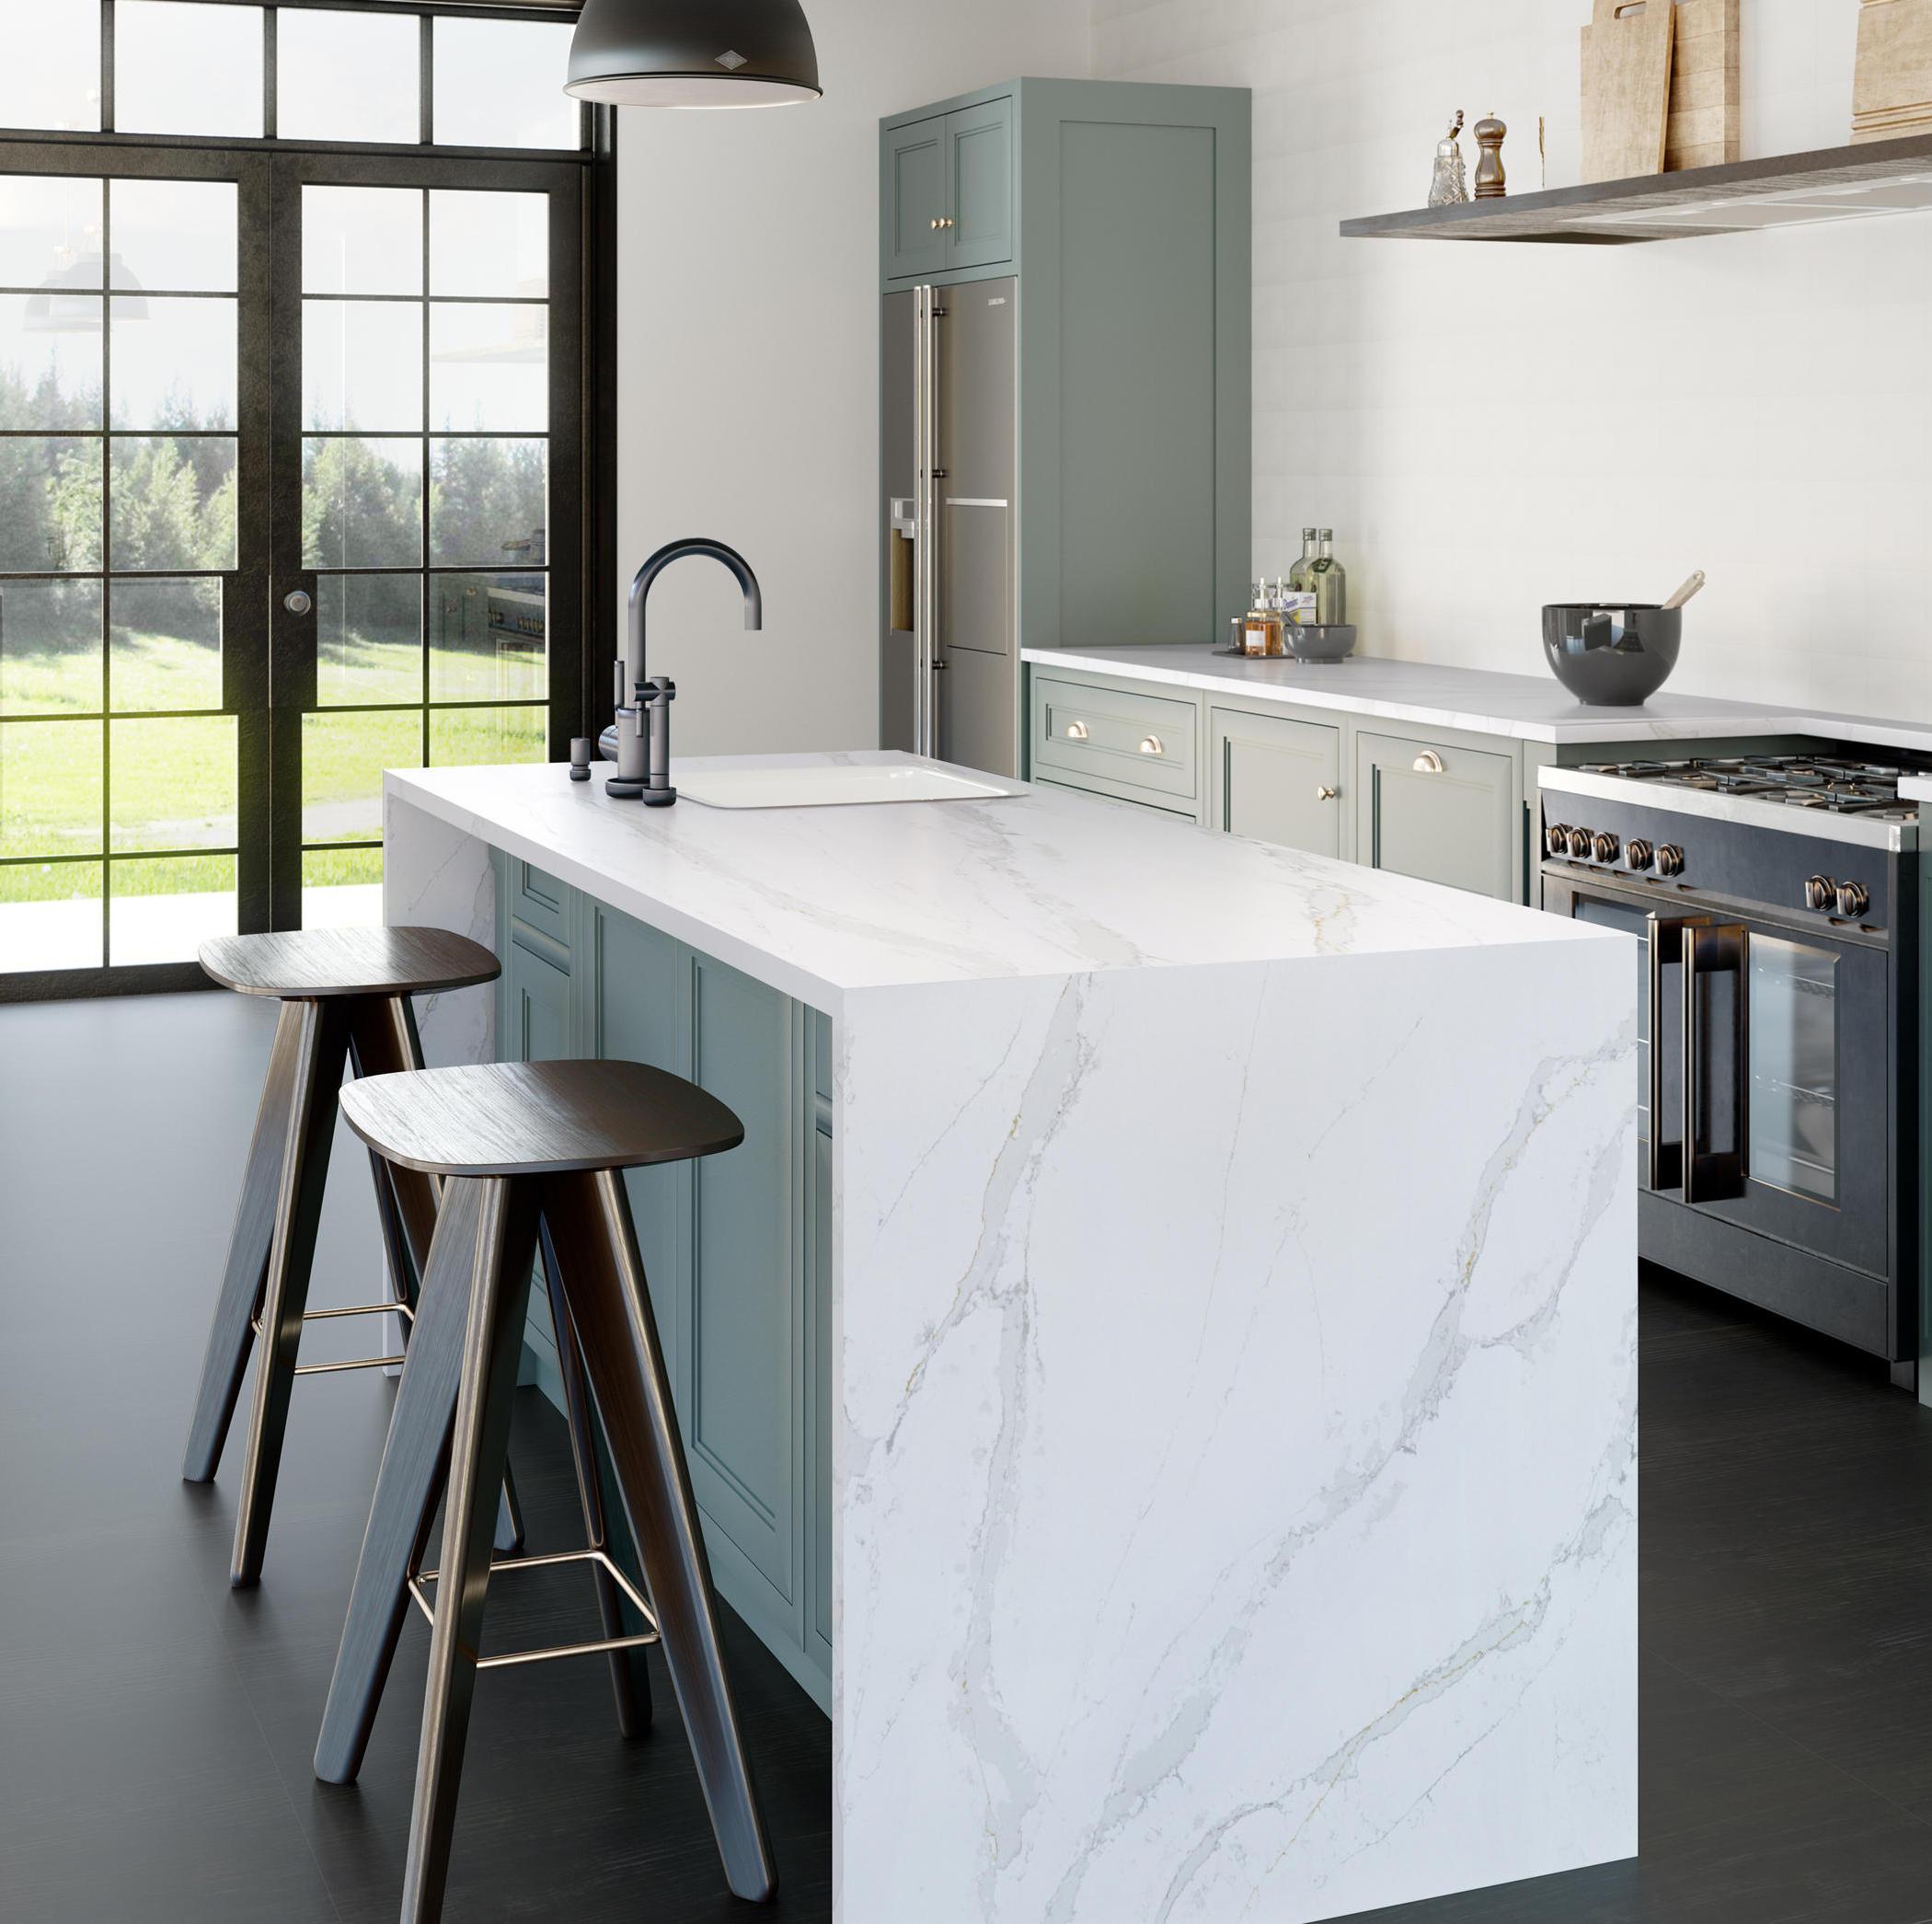 Silestone-eternal-kitchen-calacatta-gold-b